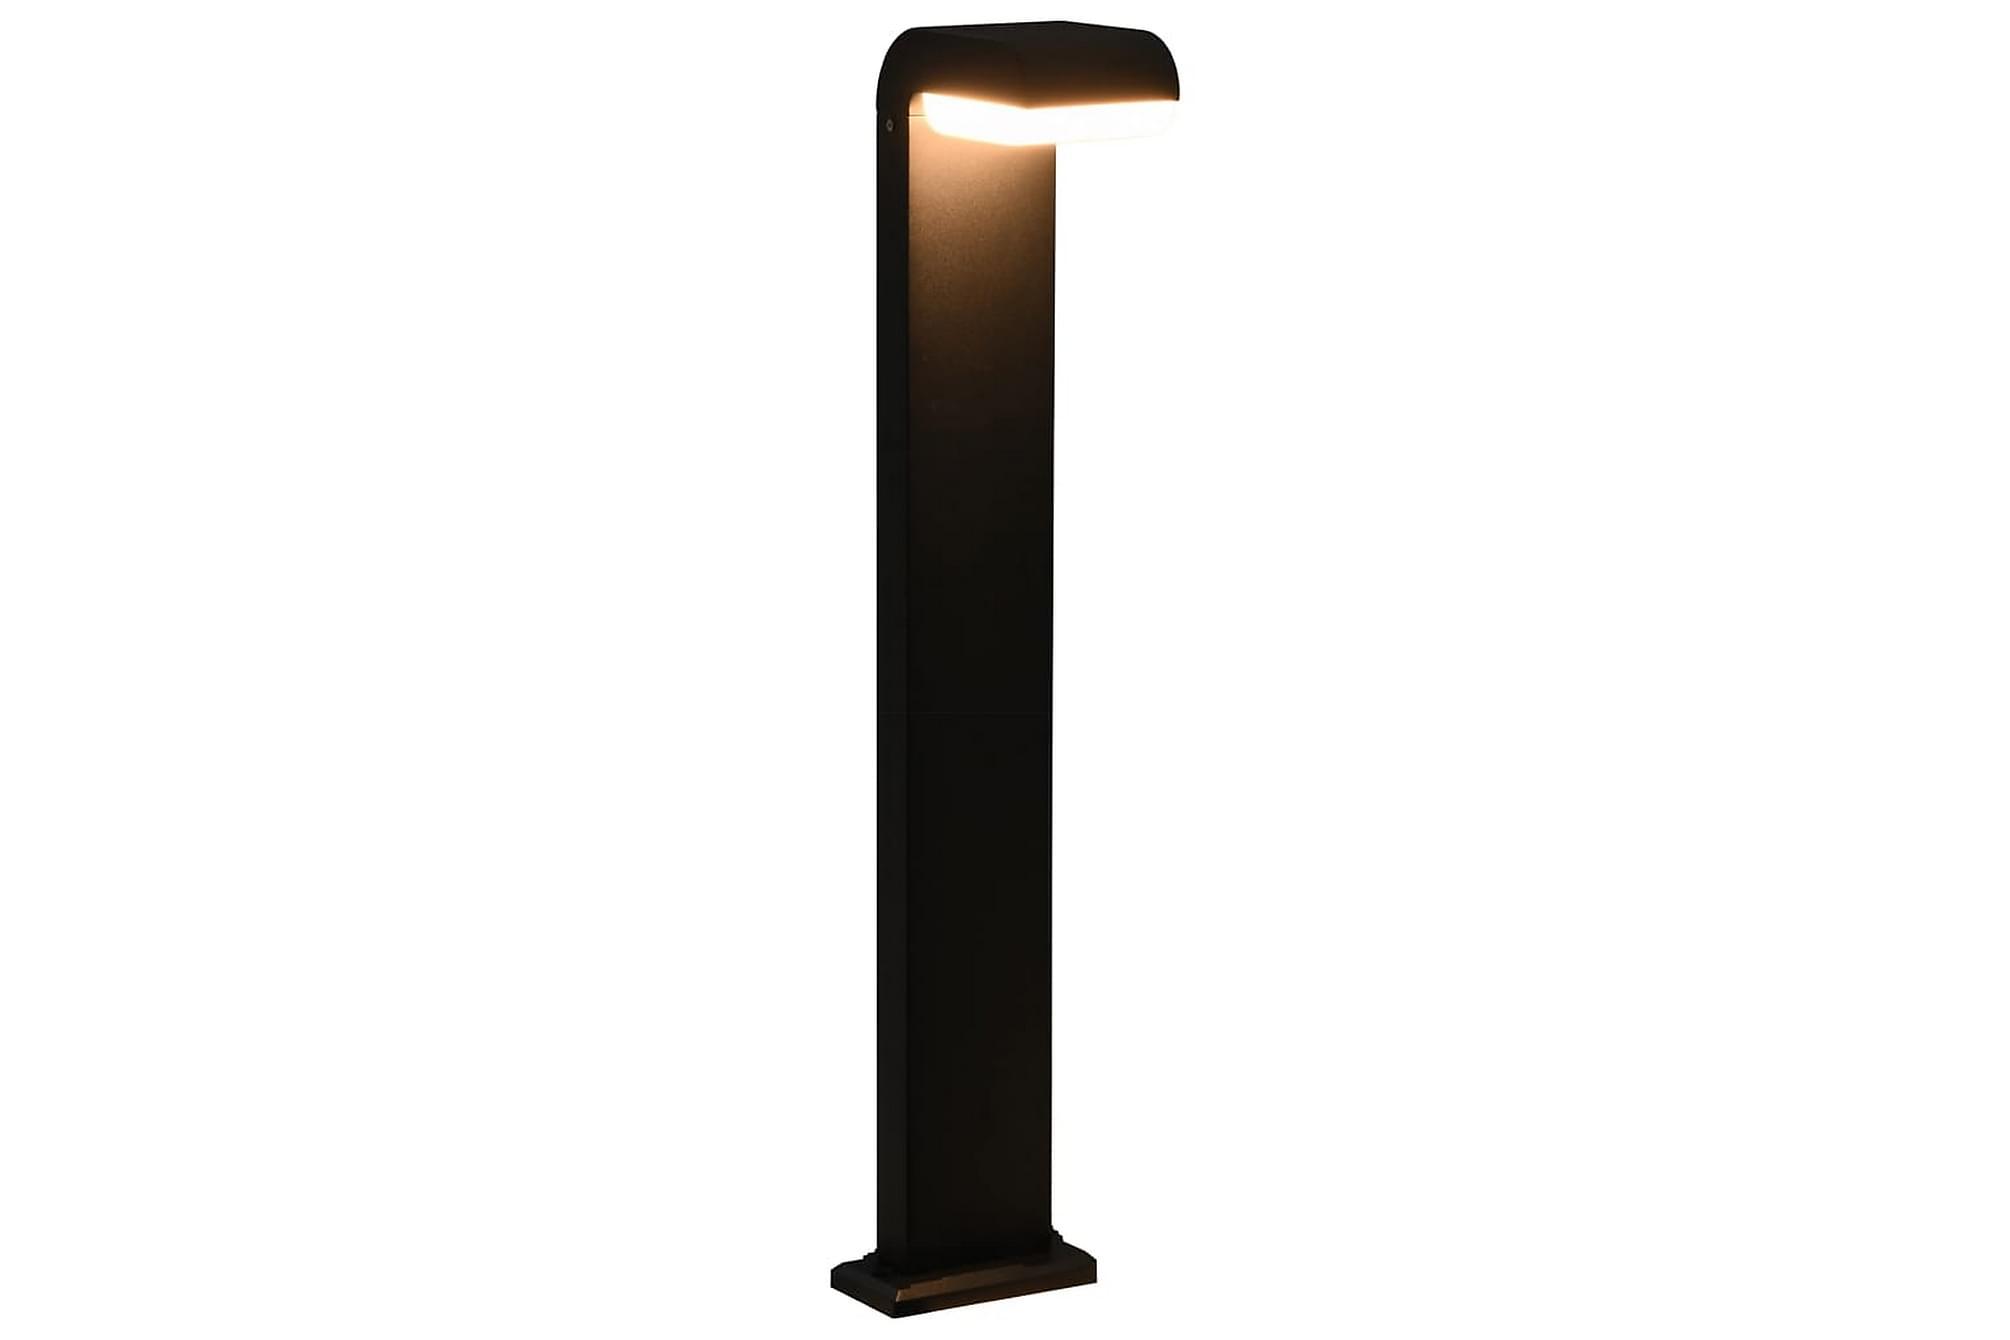 LED-utomhuslampa 9 W svart oval